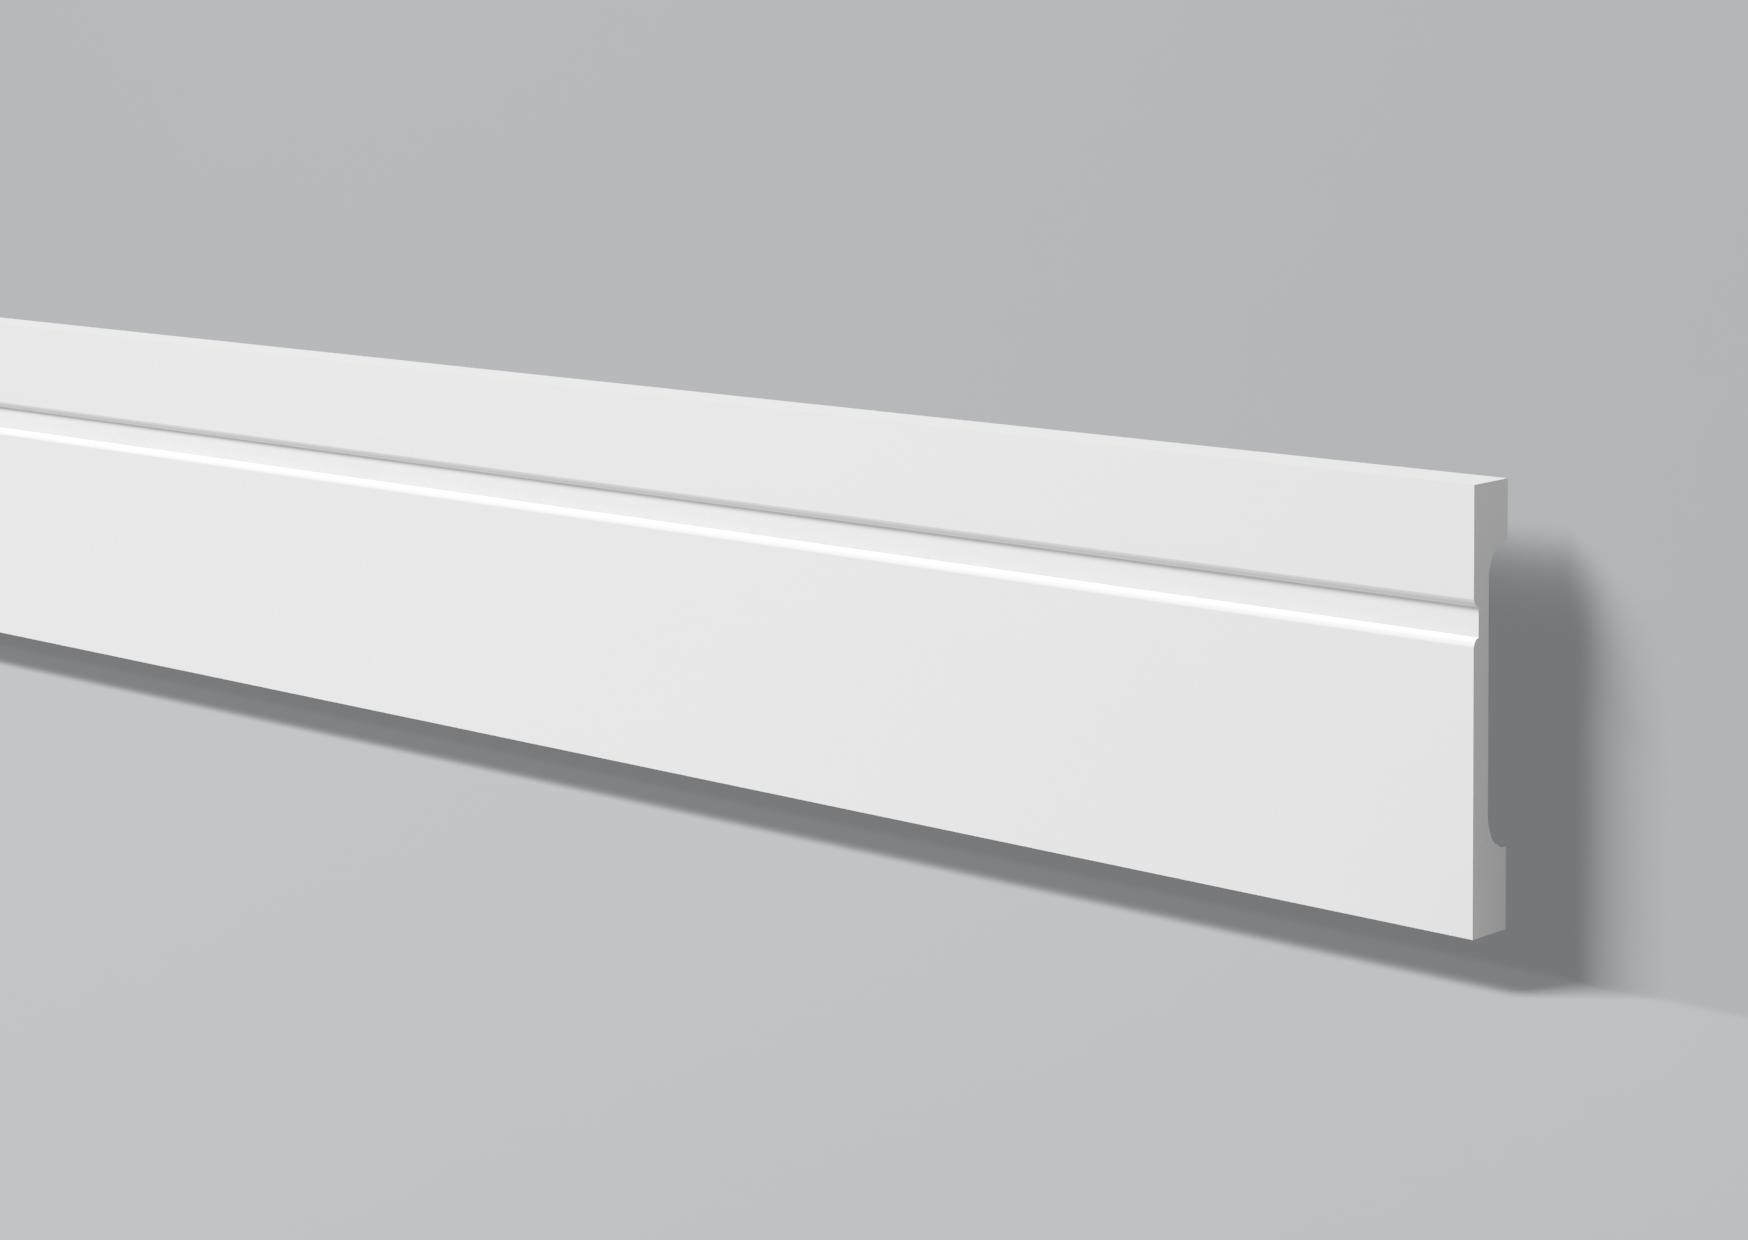 FD15-nmc-moulding-karnize